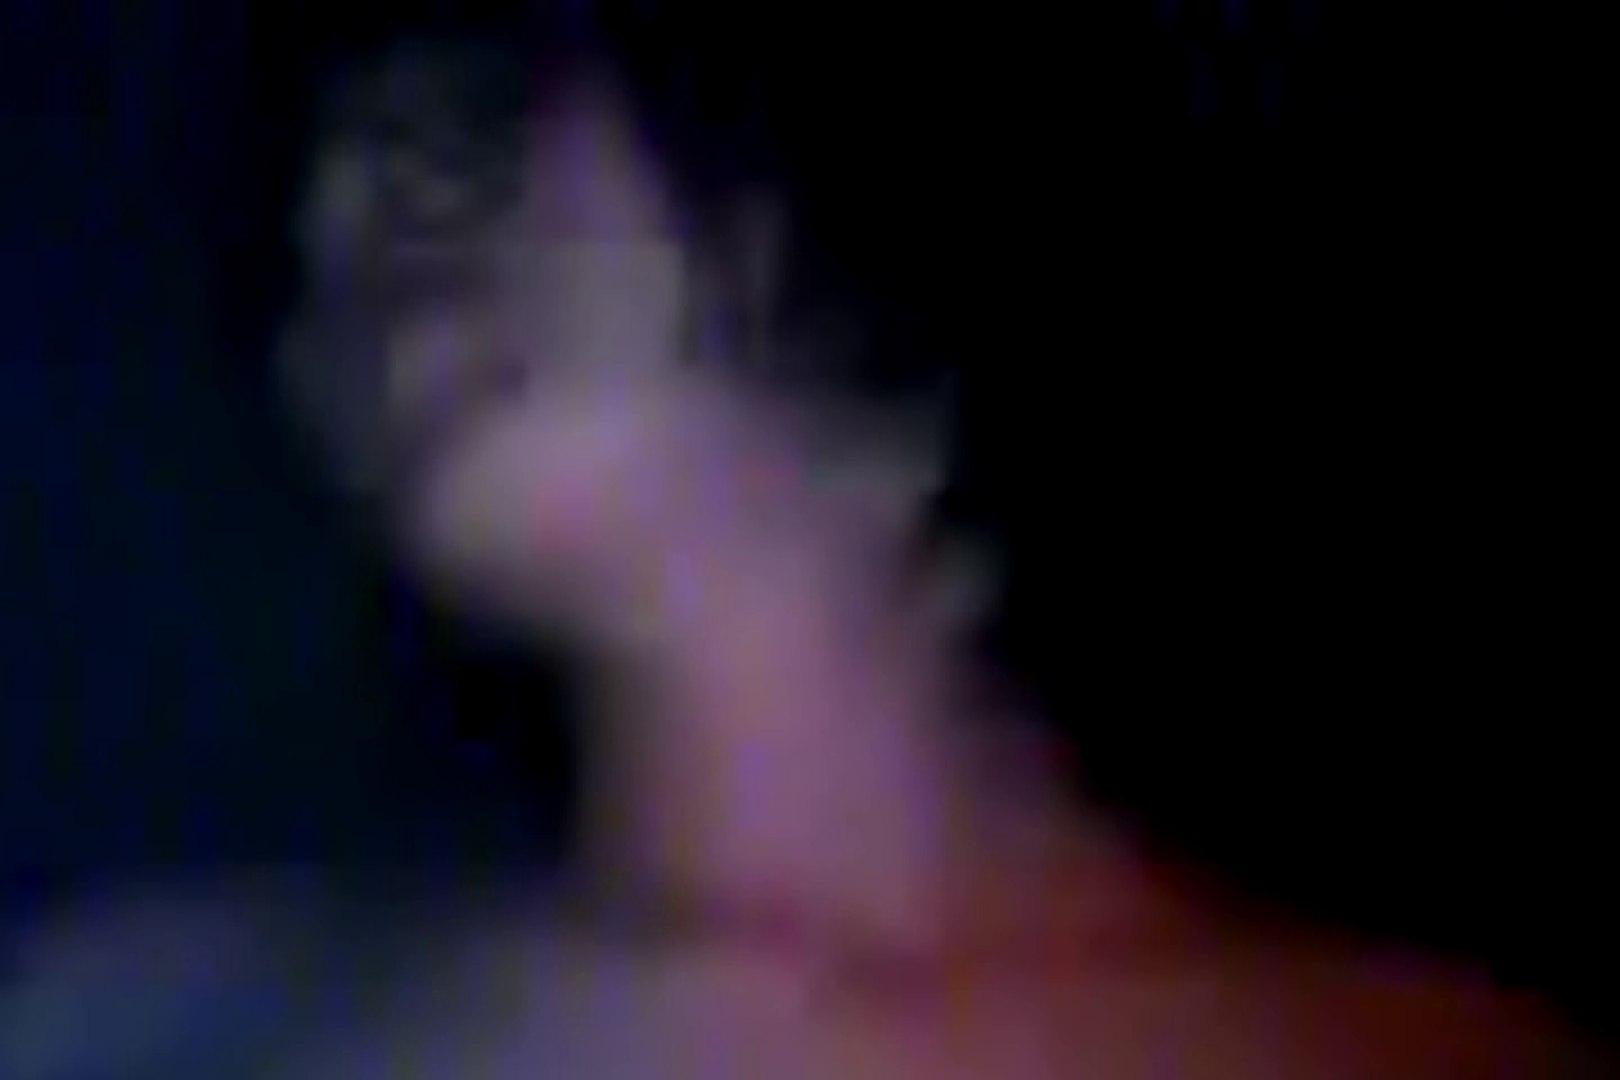 ウイルス流出 串田良祐と小学校教諭のハメ撮りアルバム 流出作品  105pic 54